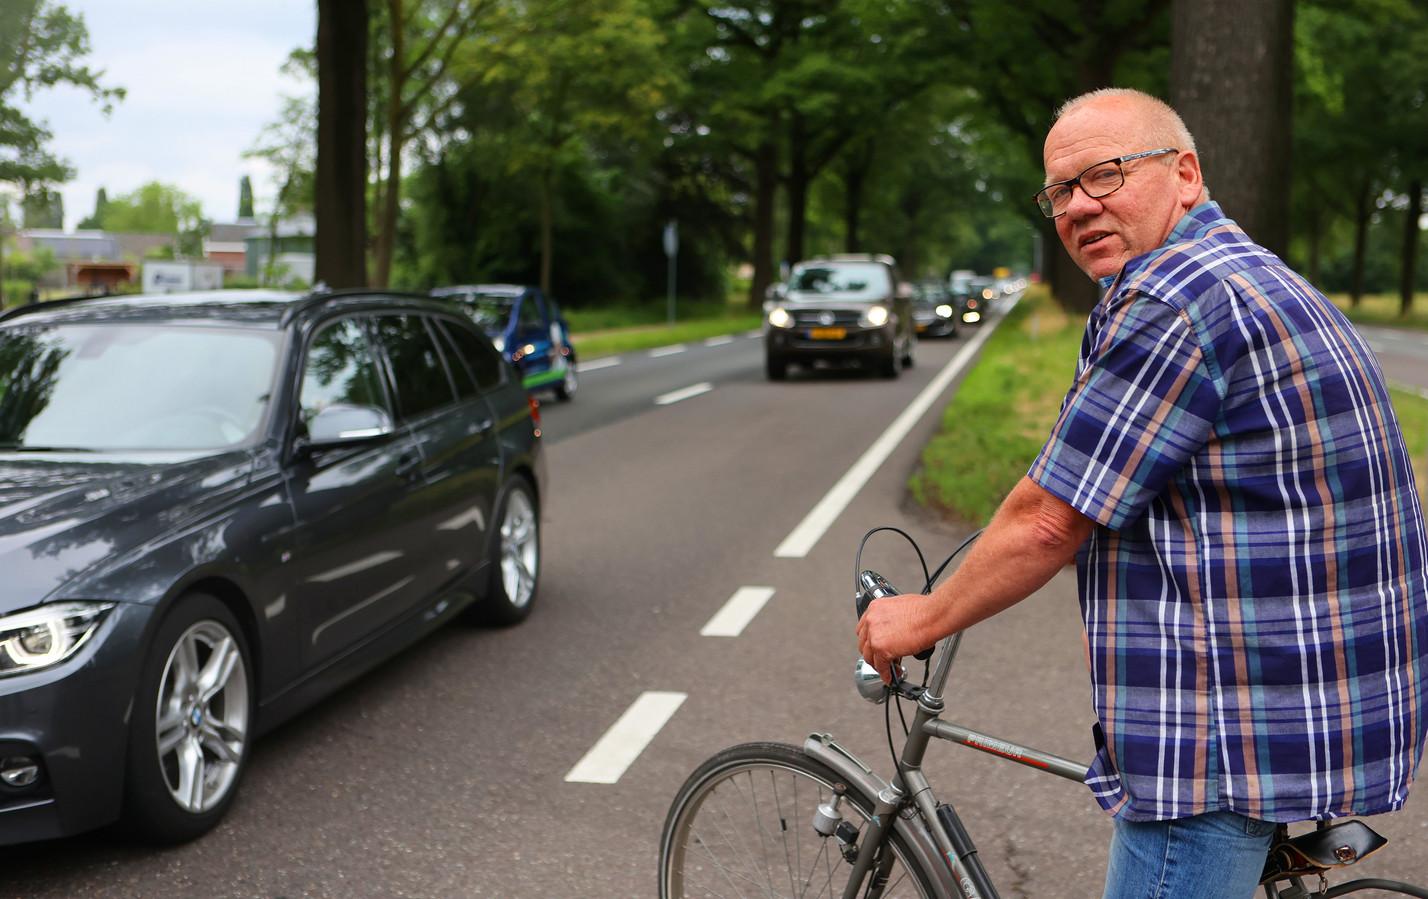 """De N65 wordt steeds drukker. De rijksweg oversteken is geen pretje, volgens Willem van Roessel uit Helvoirt. ,,Zeker niet met kleine kinderen erbij!"""""""